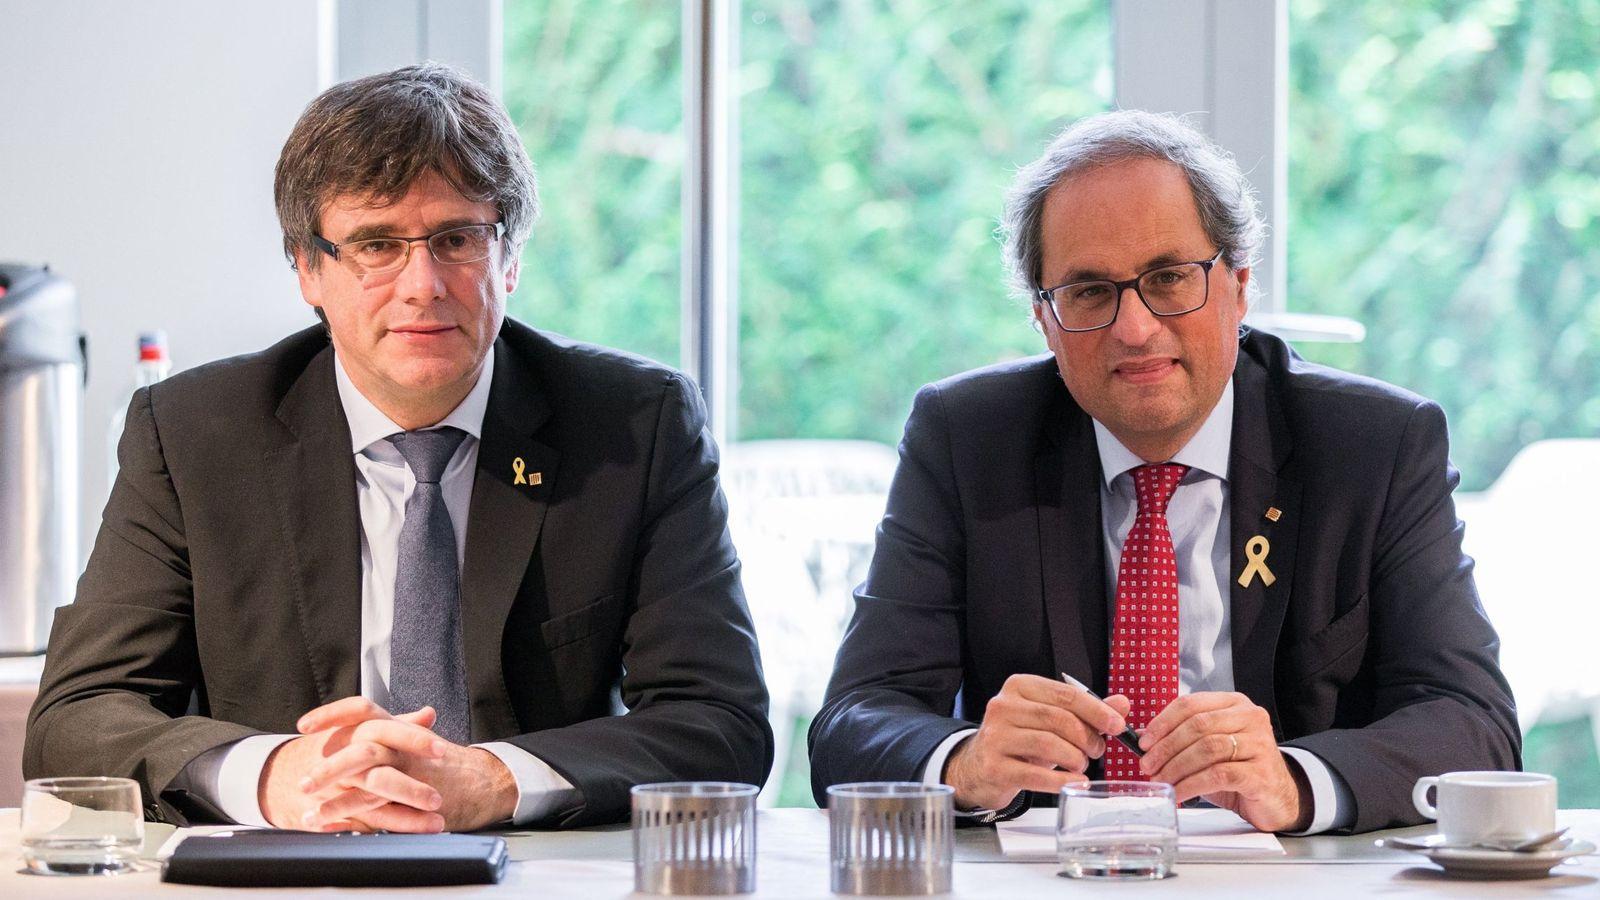 Foto: El presidente de la Generalitat, Quim Torra (d), posa junto al expresidente catalán Carles Puigdemont, durante una reunión en Waterloo. (EFE)